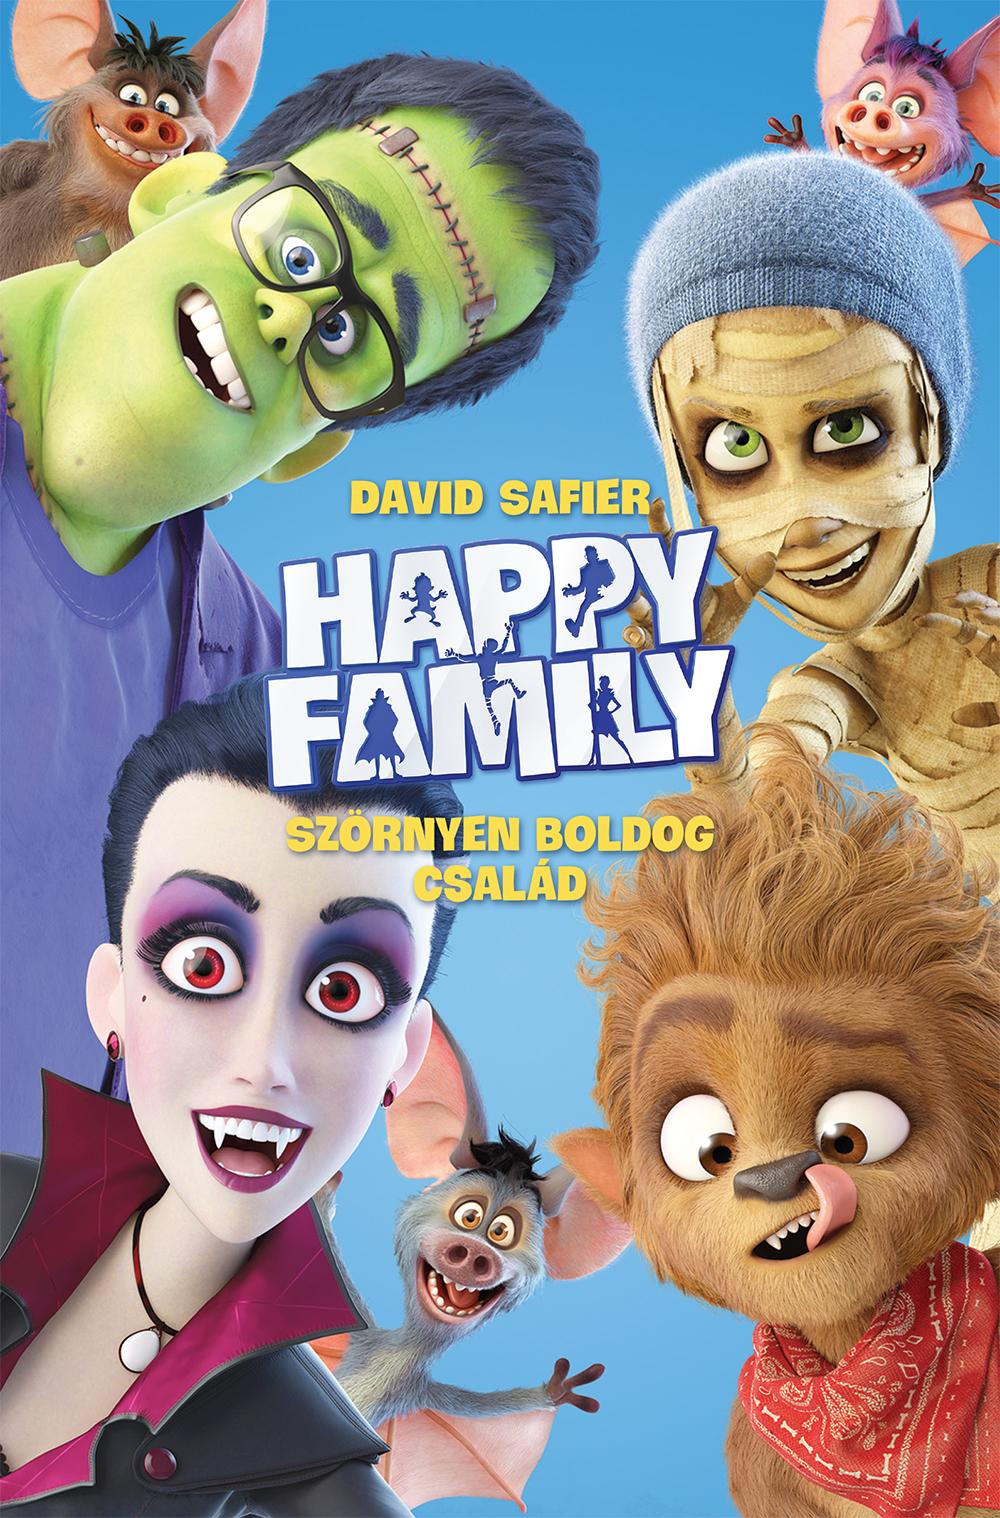 SAFIER, DAVID - HAPPY FAMILY - SZÖRNYEN BOLDOG CSALÁD